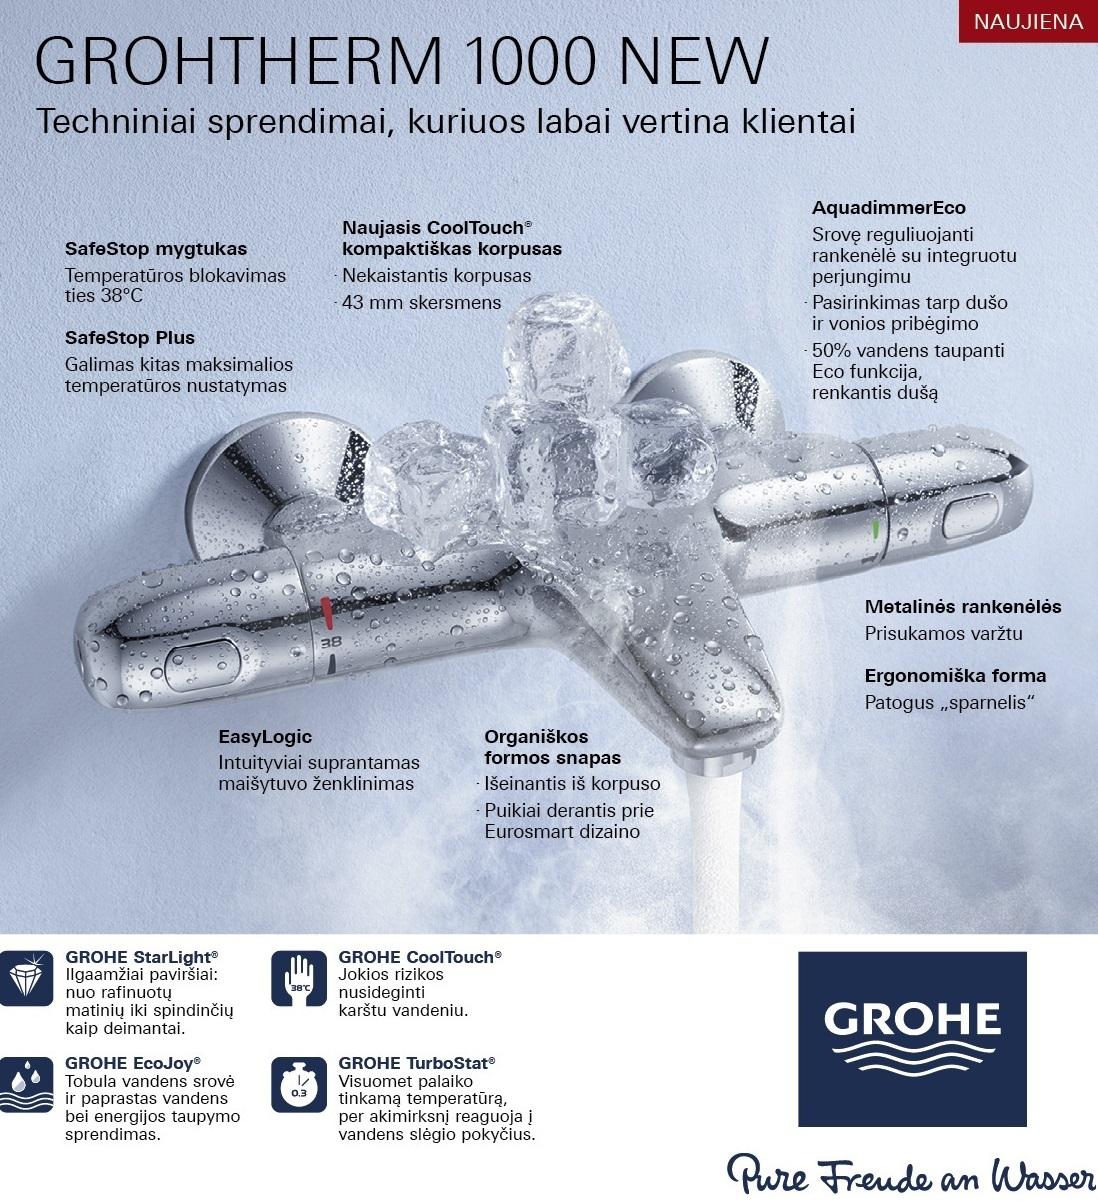 Grohe Grohtherm 1000 New.Ketvertas Lt Vonios Kambario įranga Santechnika Sildymas